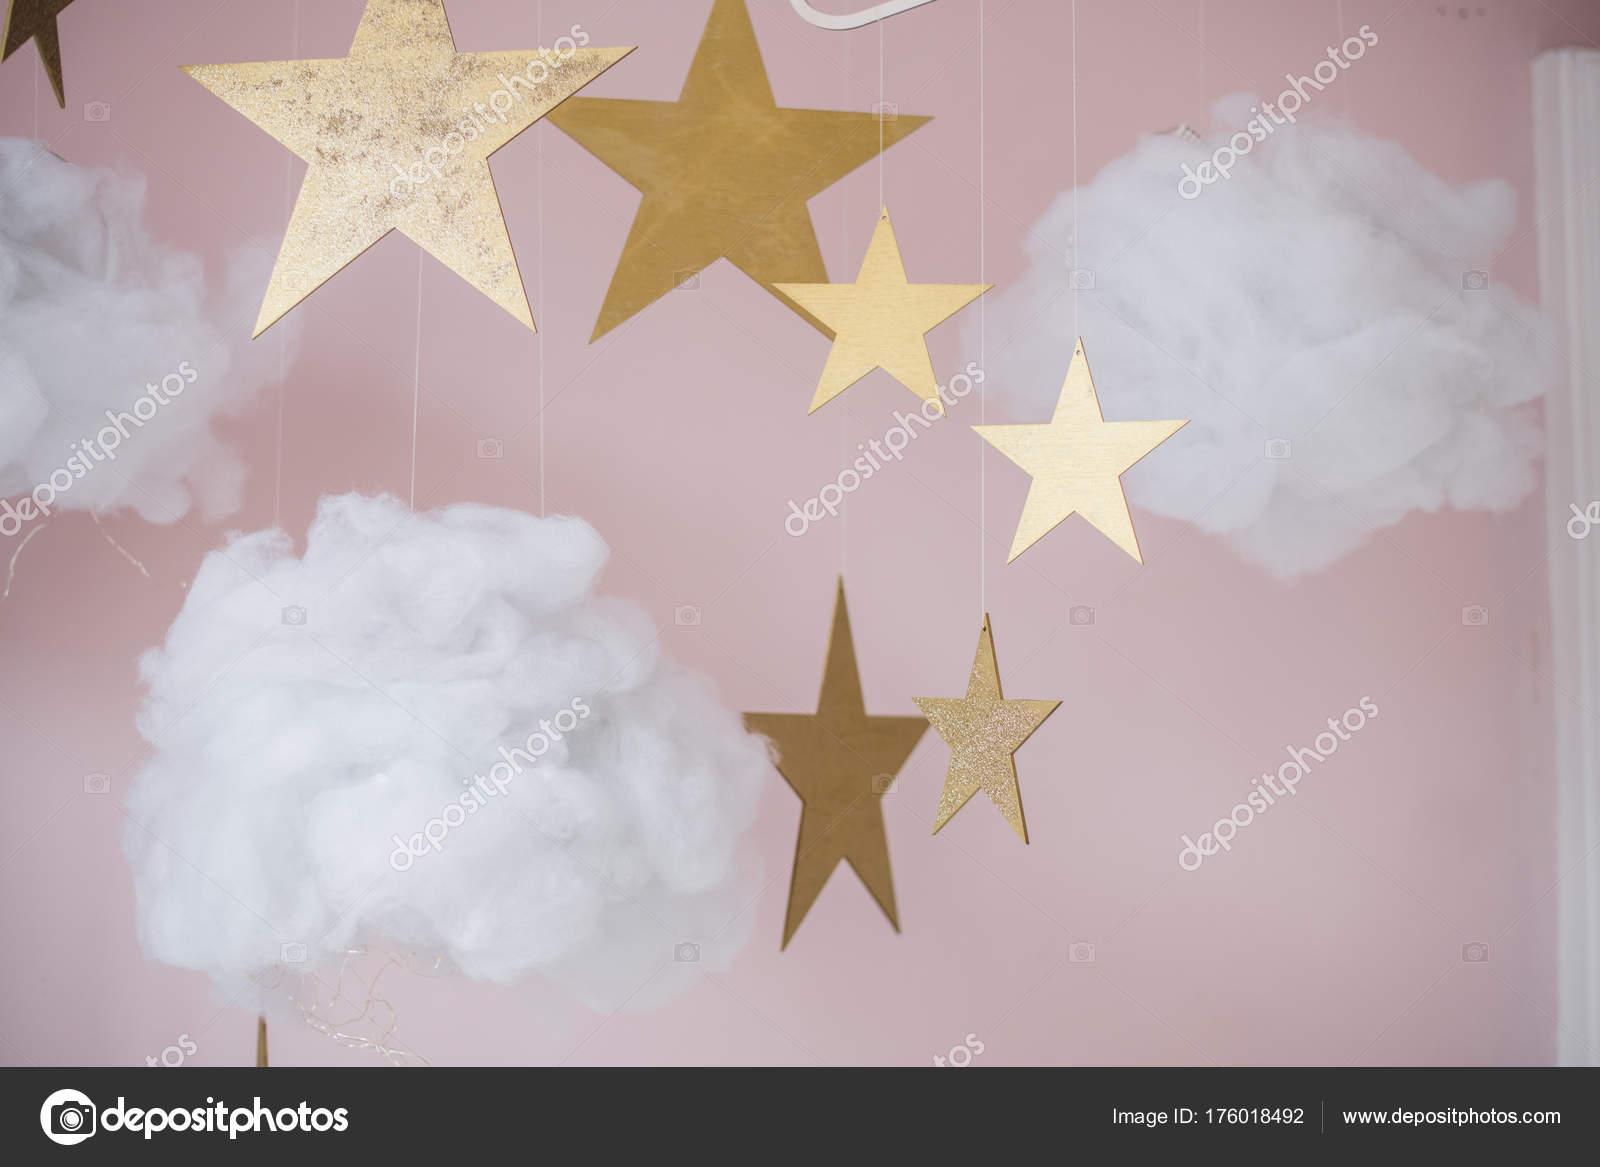 Fotos Estrellas Bonitas Foto De Bonitas Estrellas Y Nubes